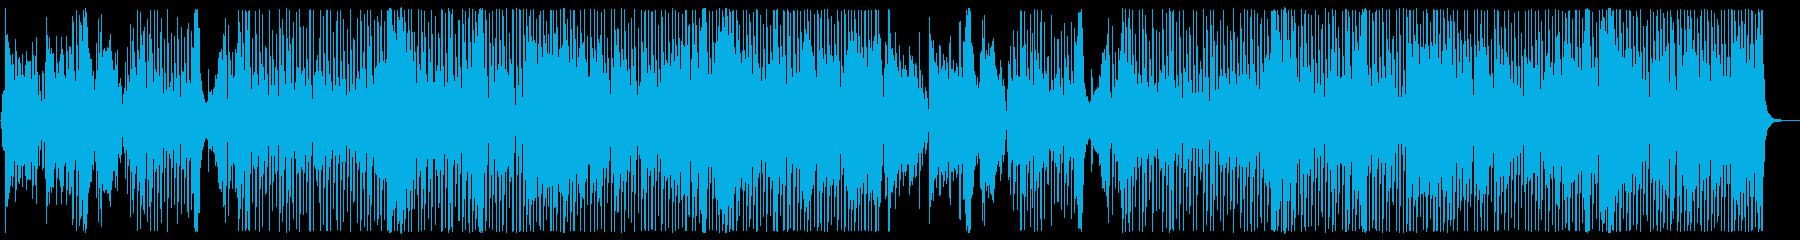 美しく青きドナウ  POP remixの再生済みの波形